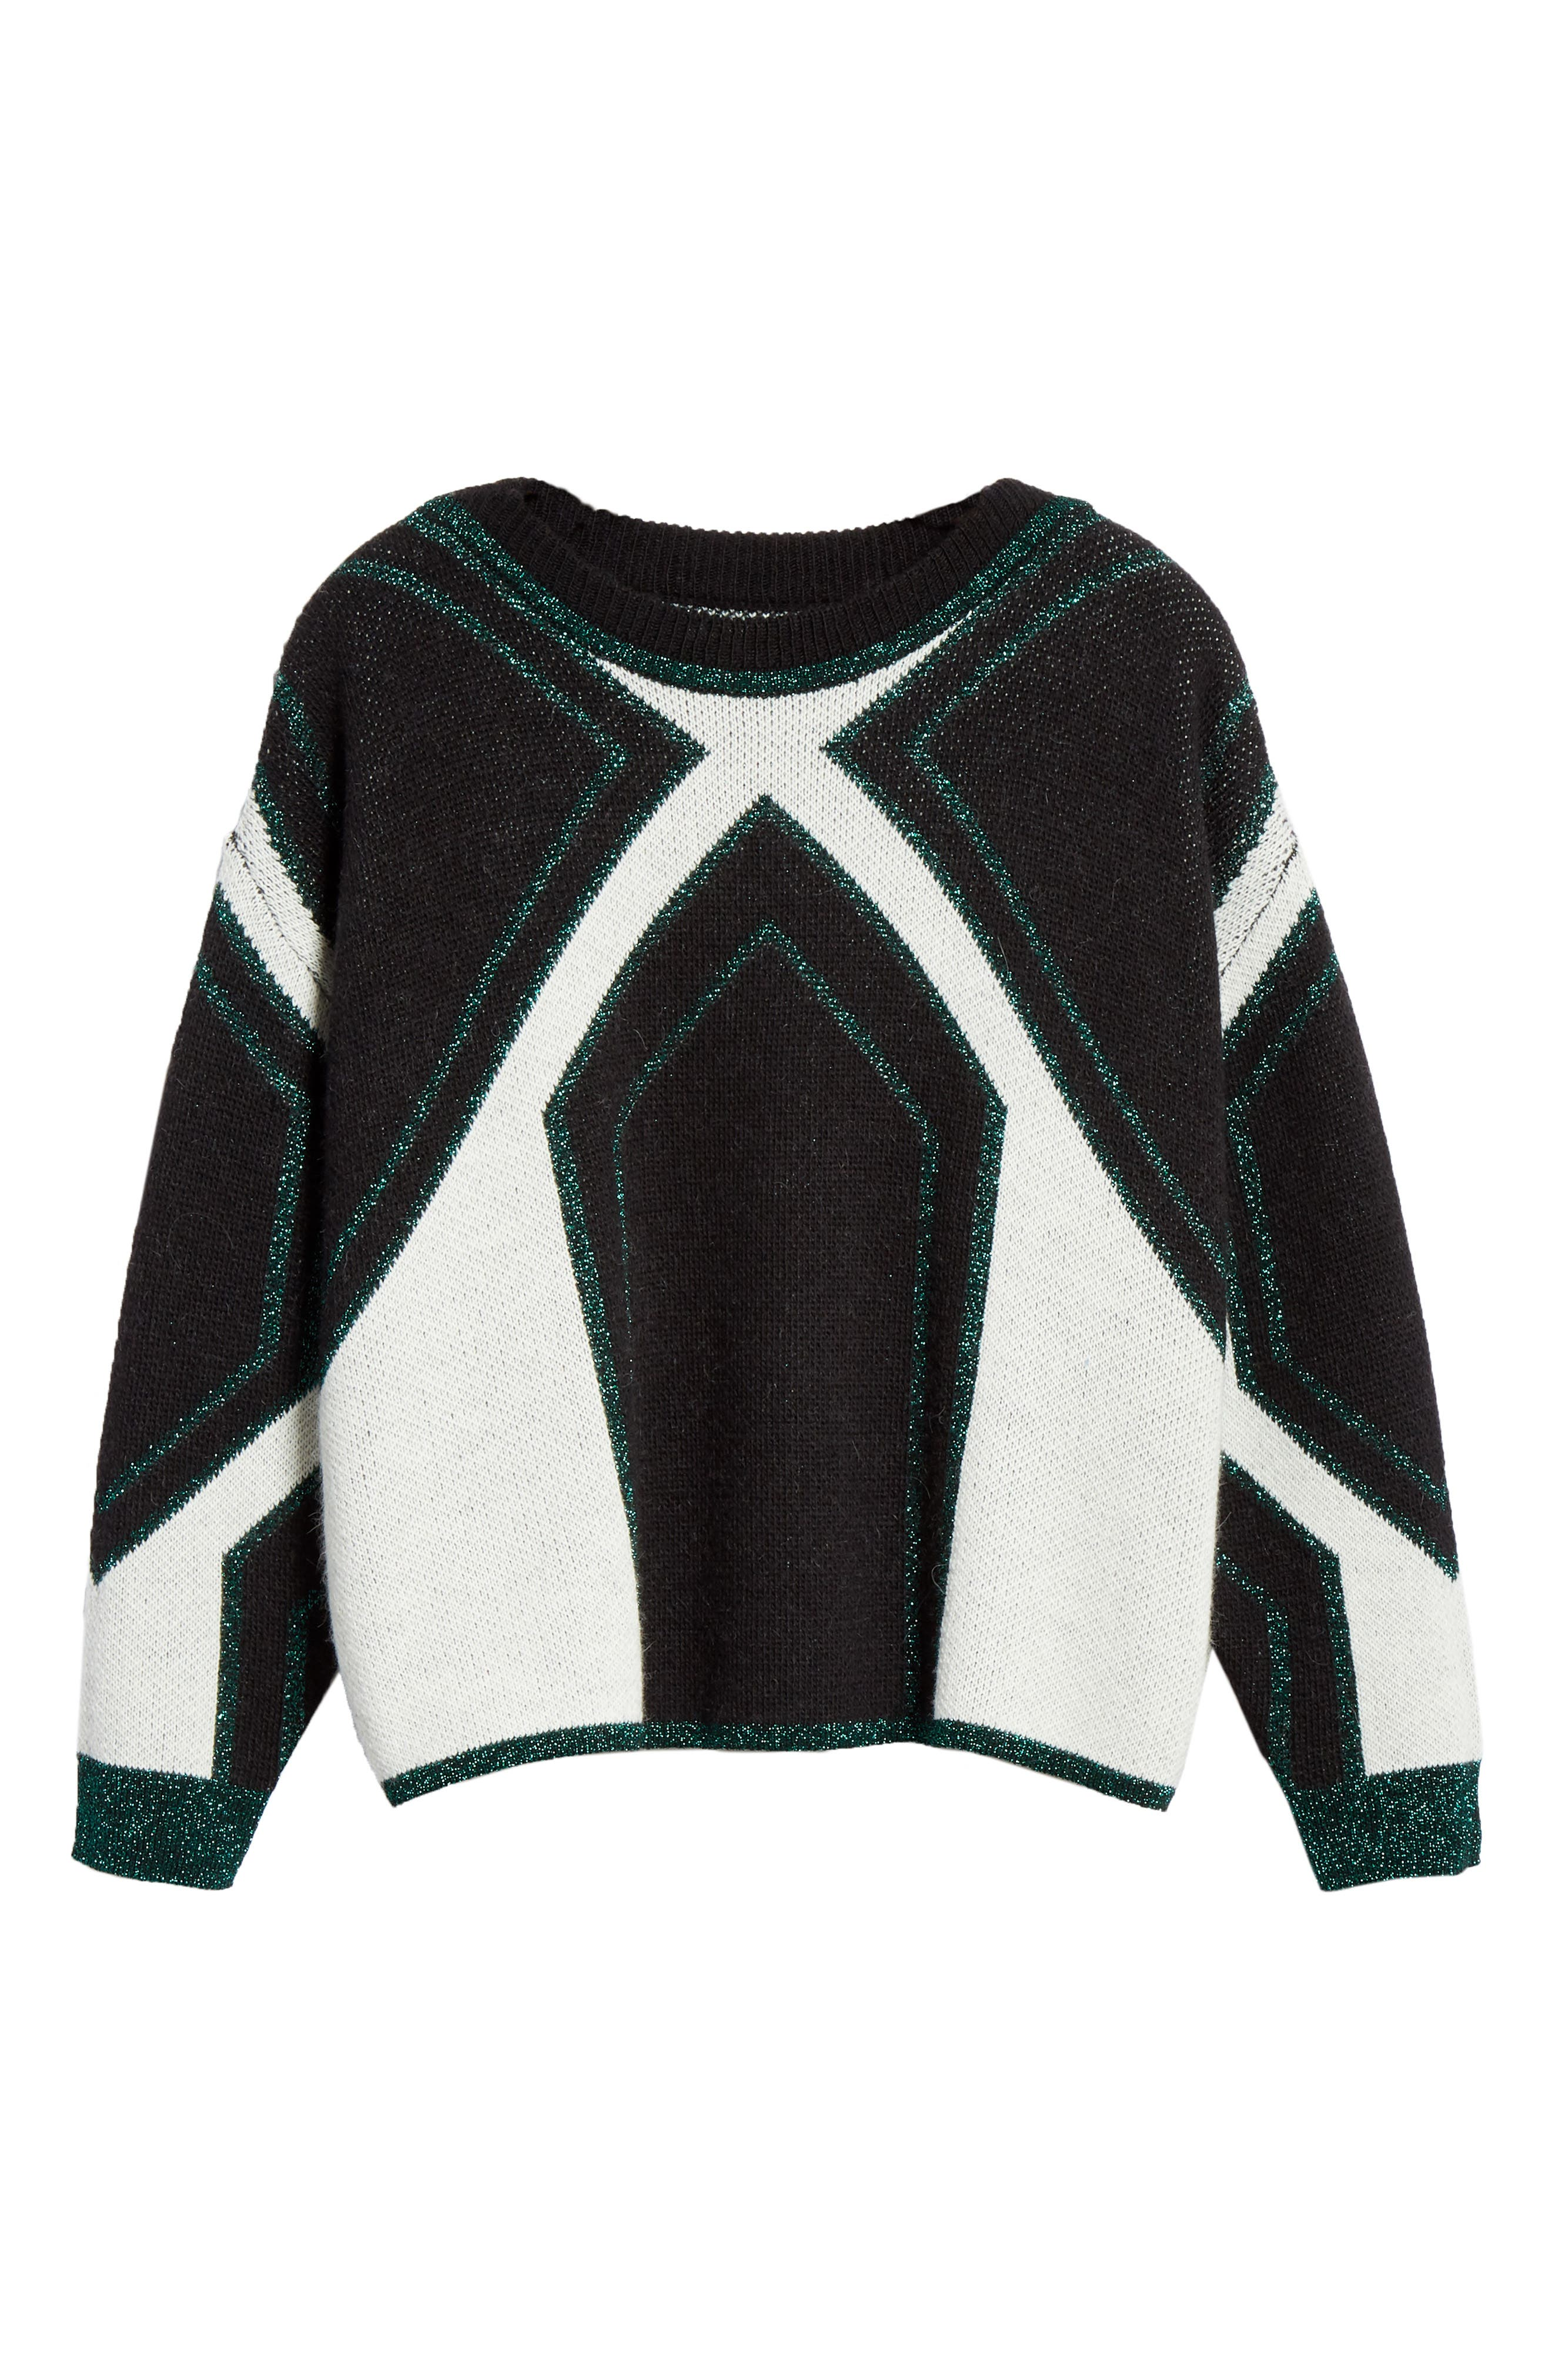 Velny Sweater,                             Alternate thumbnail 6, color,                             400